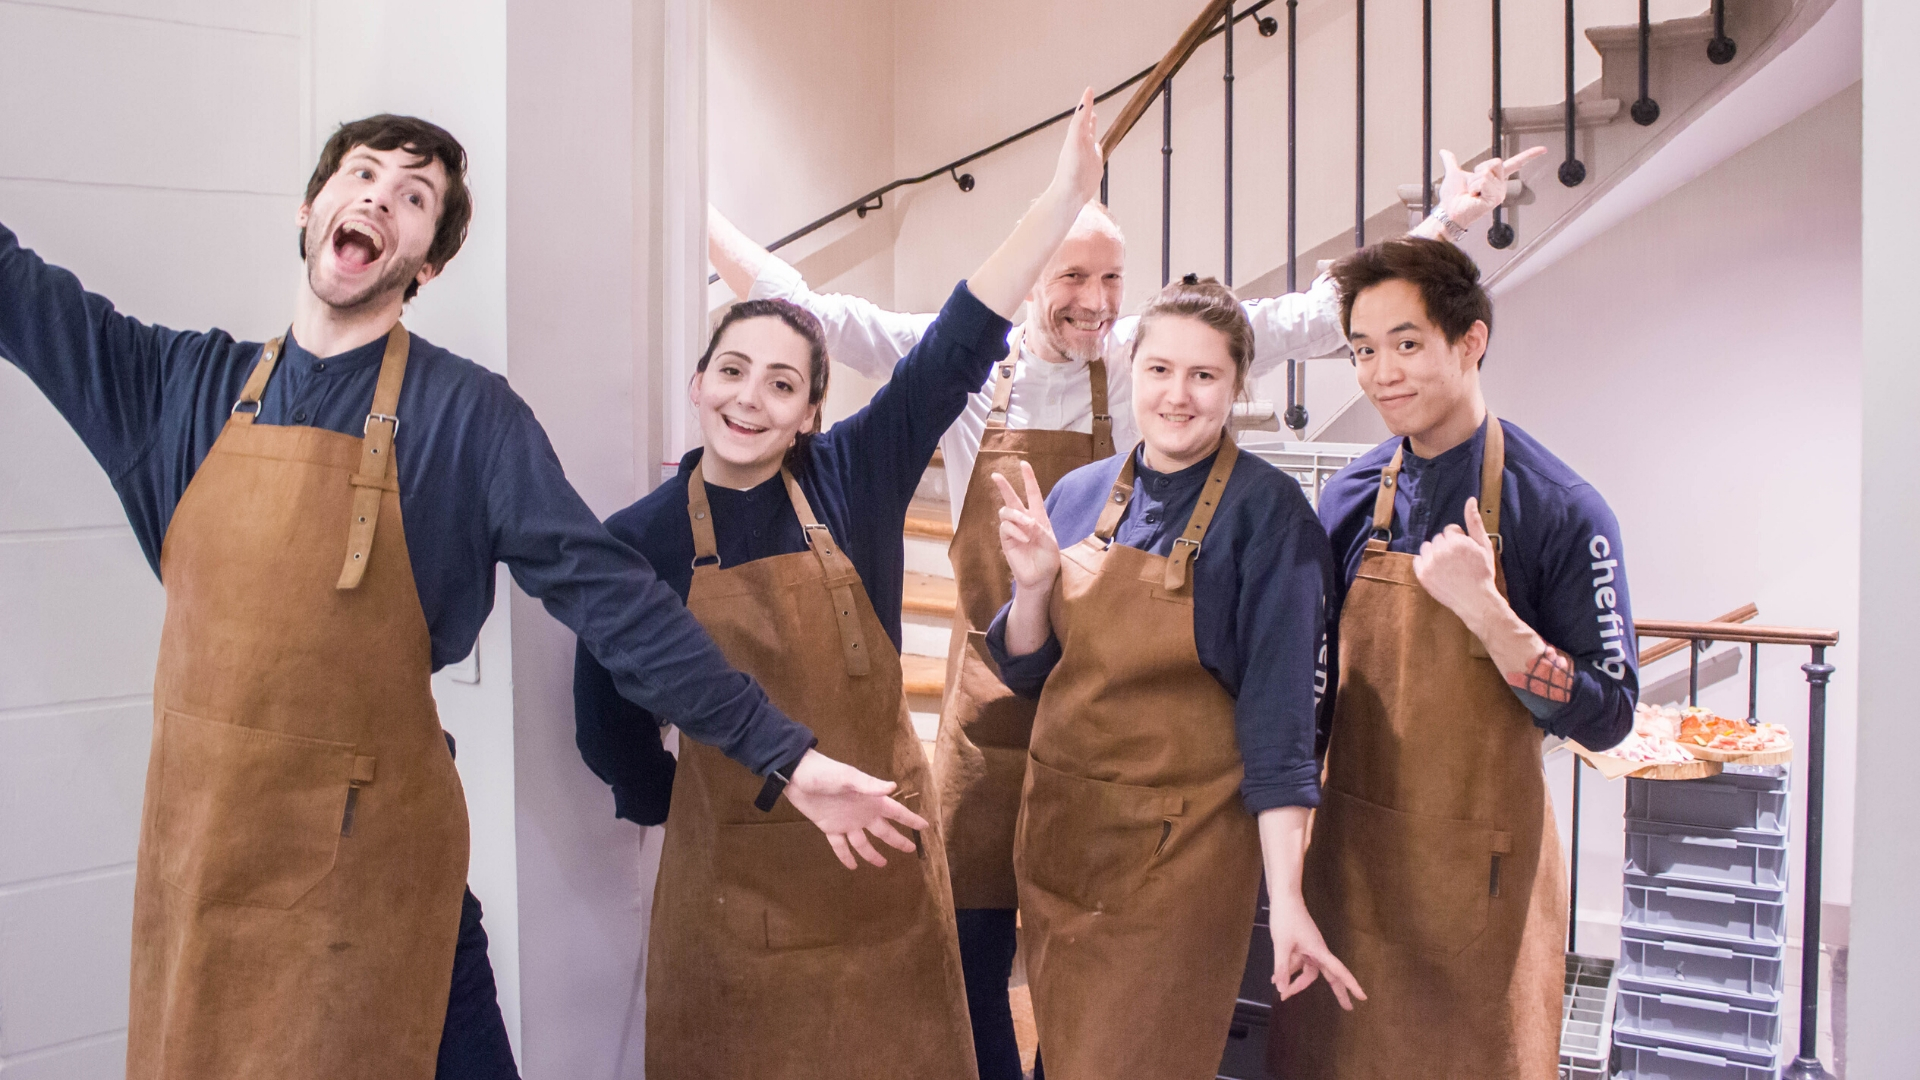 Staff chefing sur événement en office